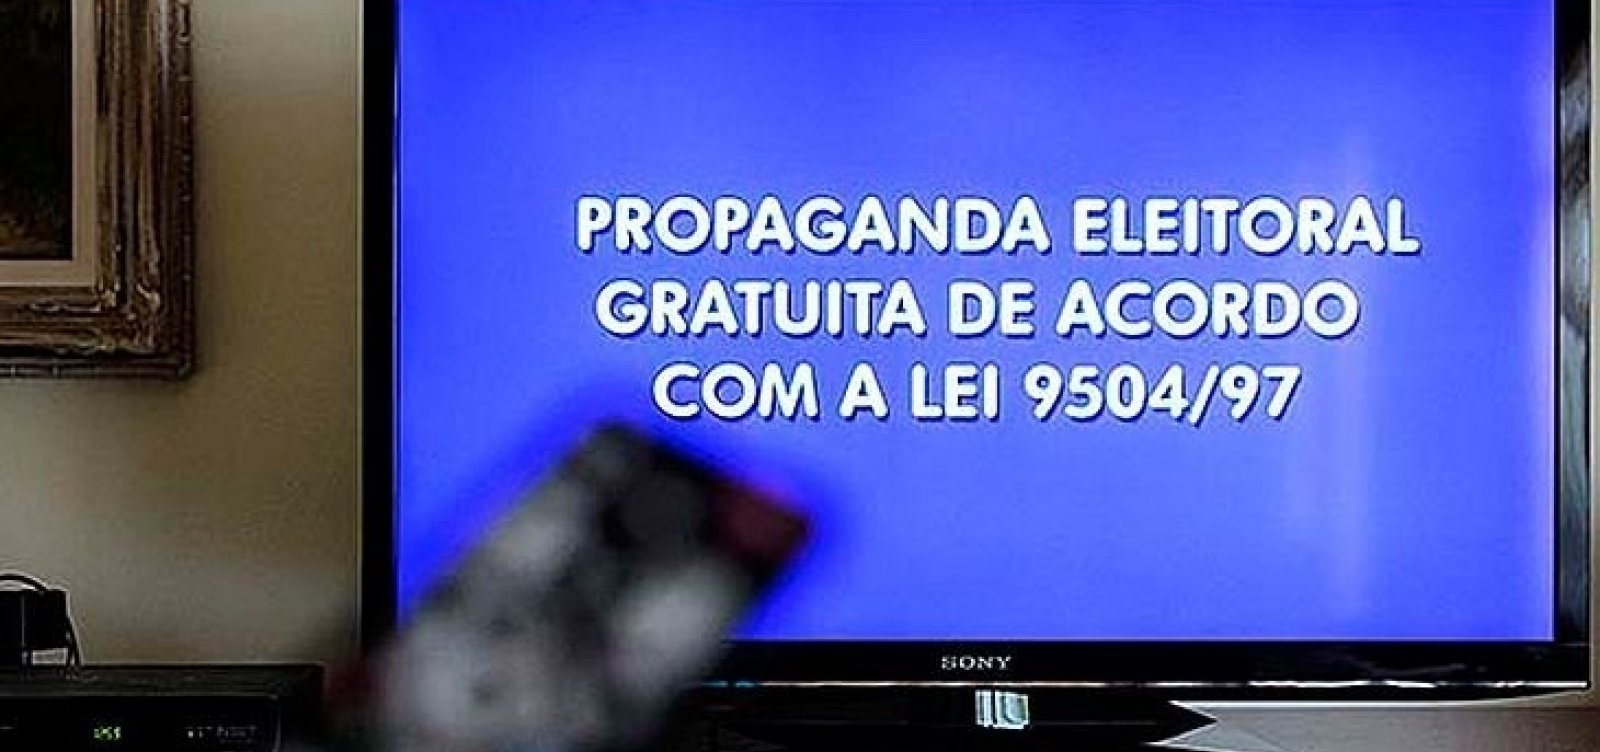 Propaganda eleitoral do 2º turno no rádio e na TV começa na próxima sexta